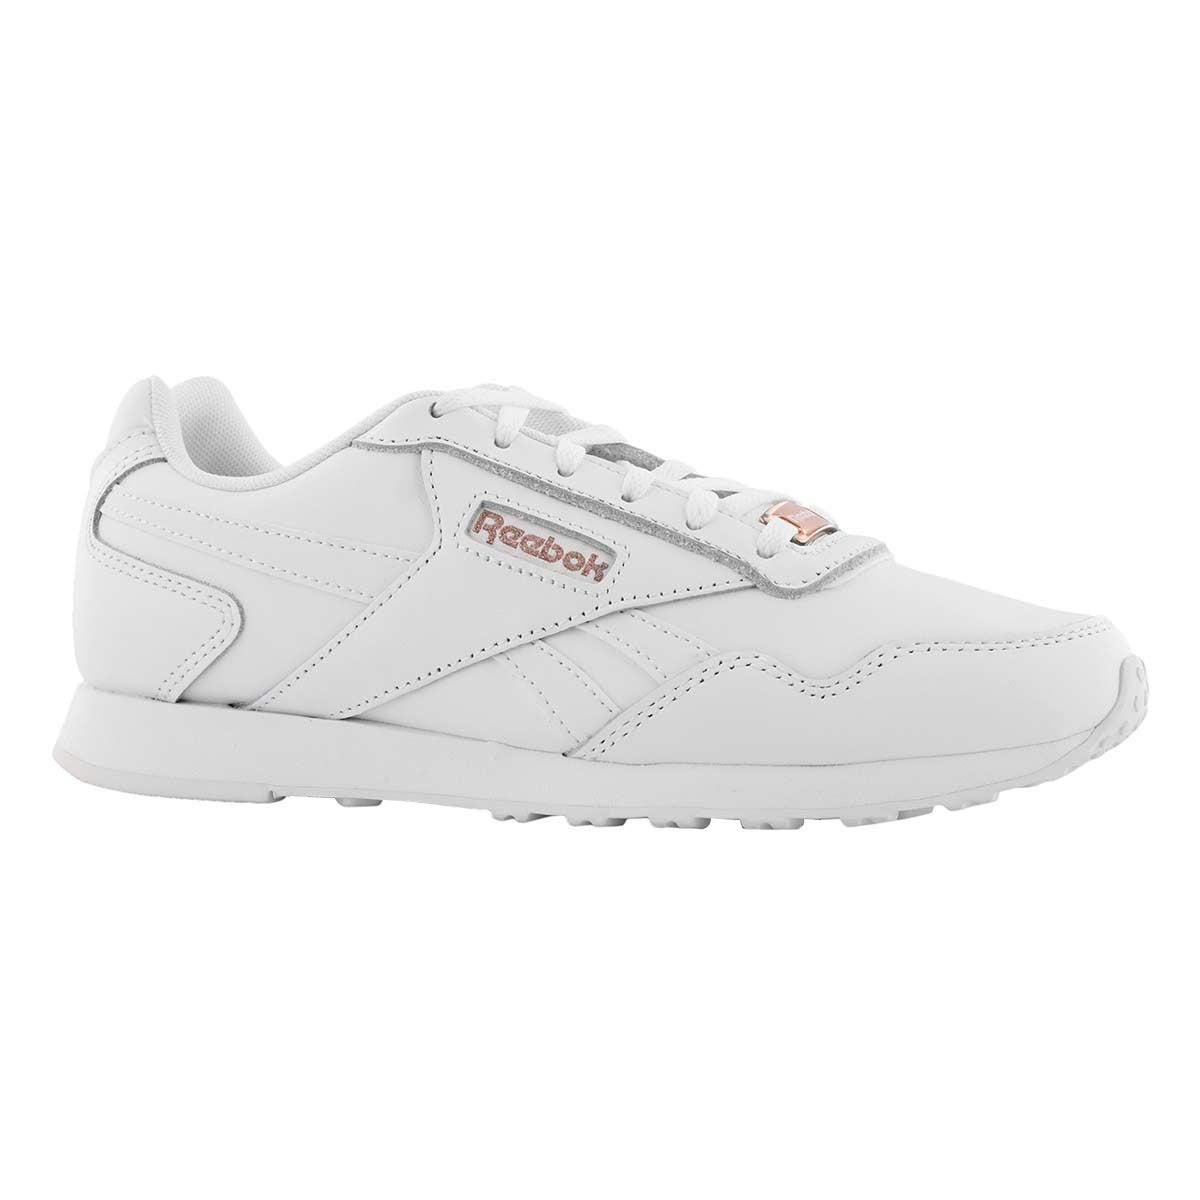 Lds Glide LX wht/rse gld fashion sneaker